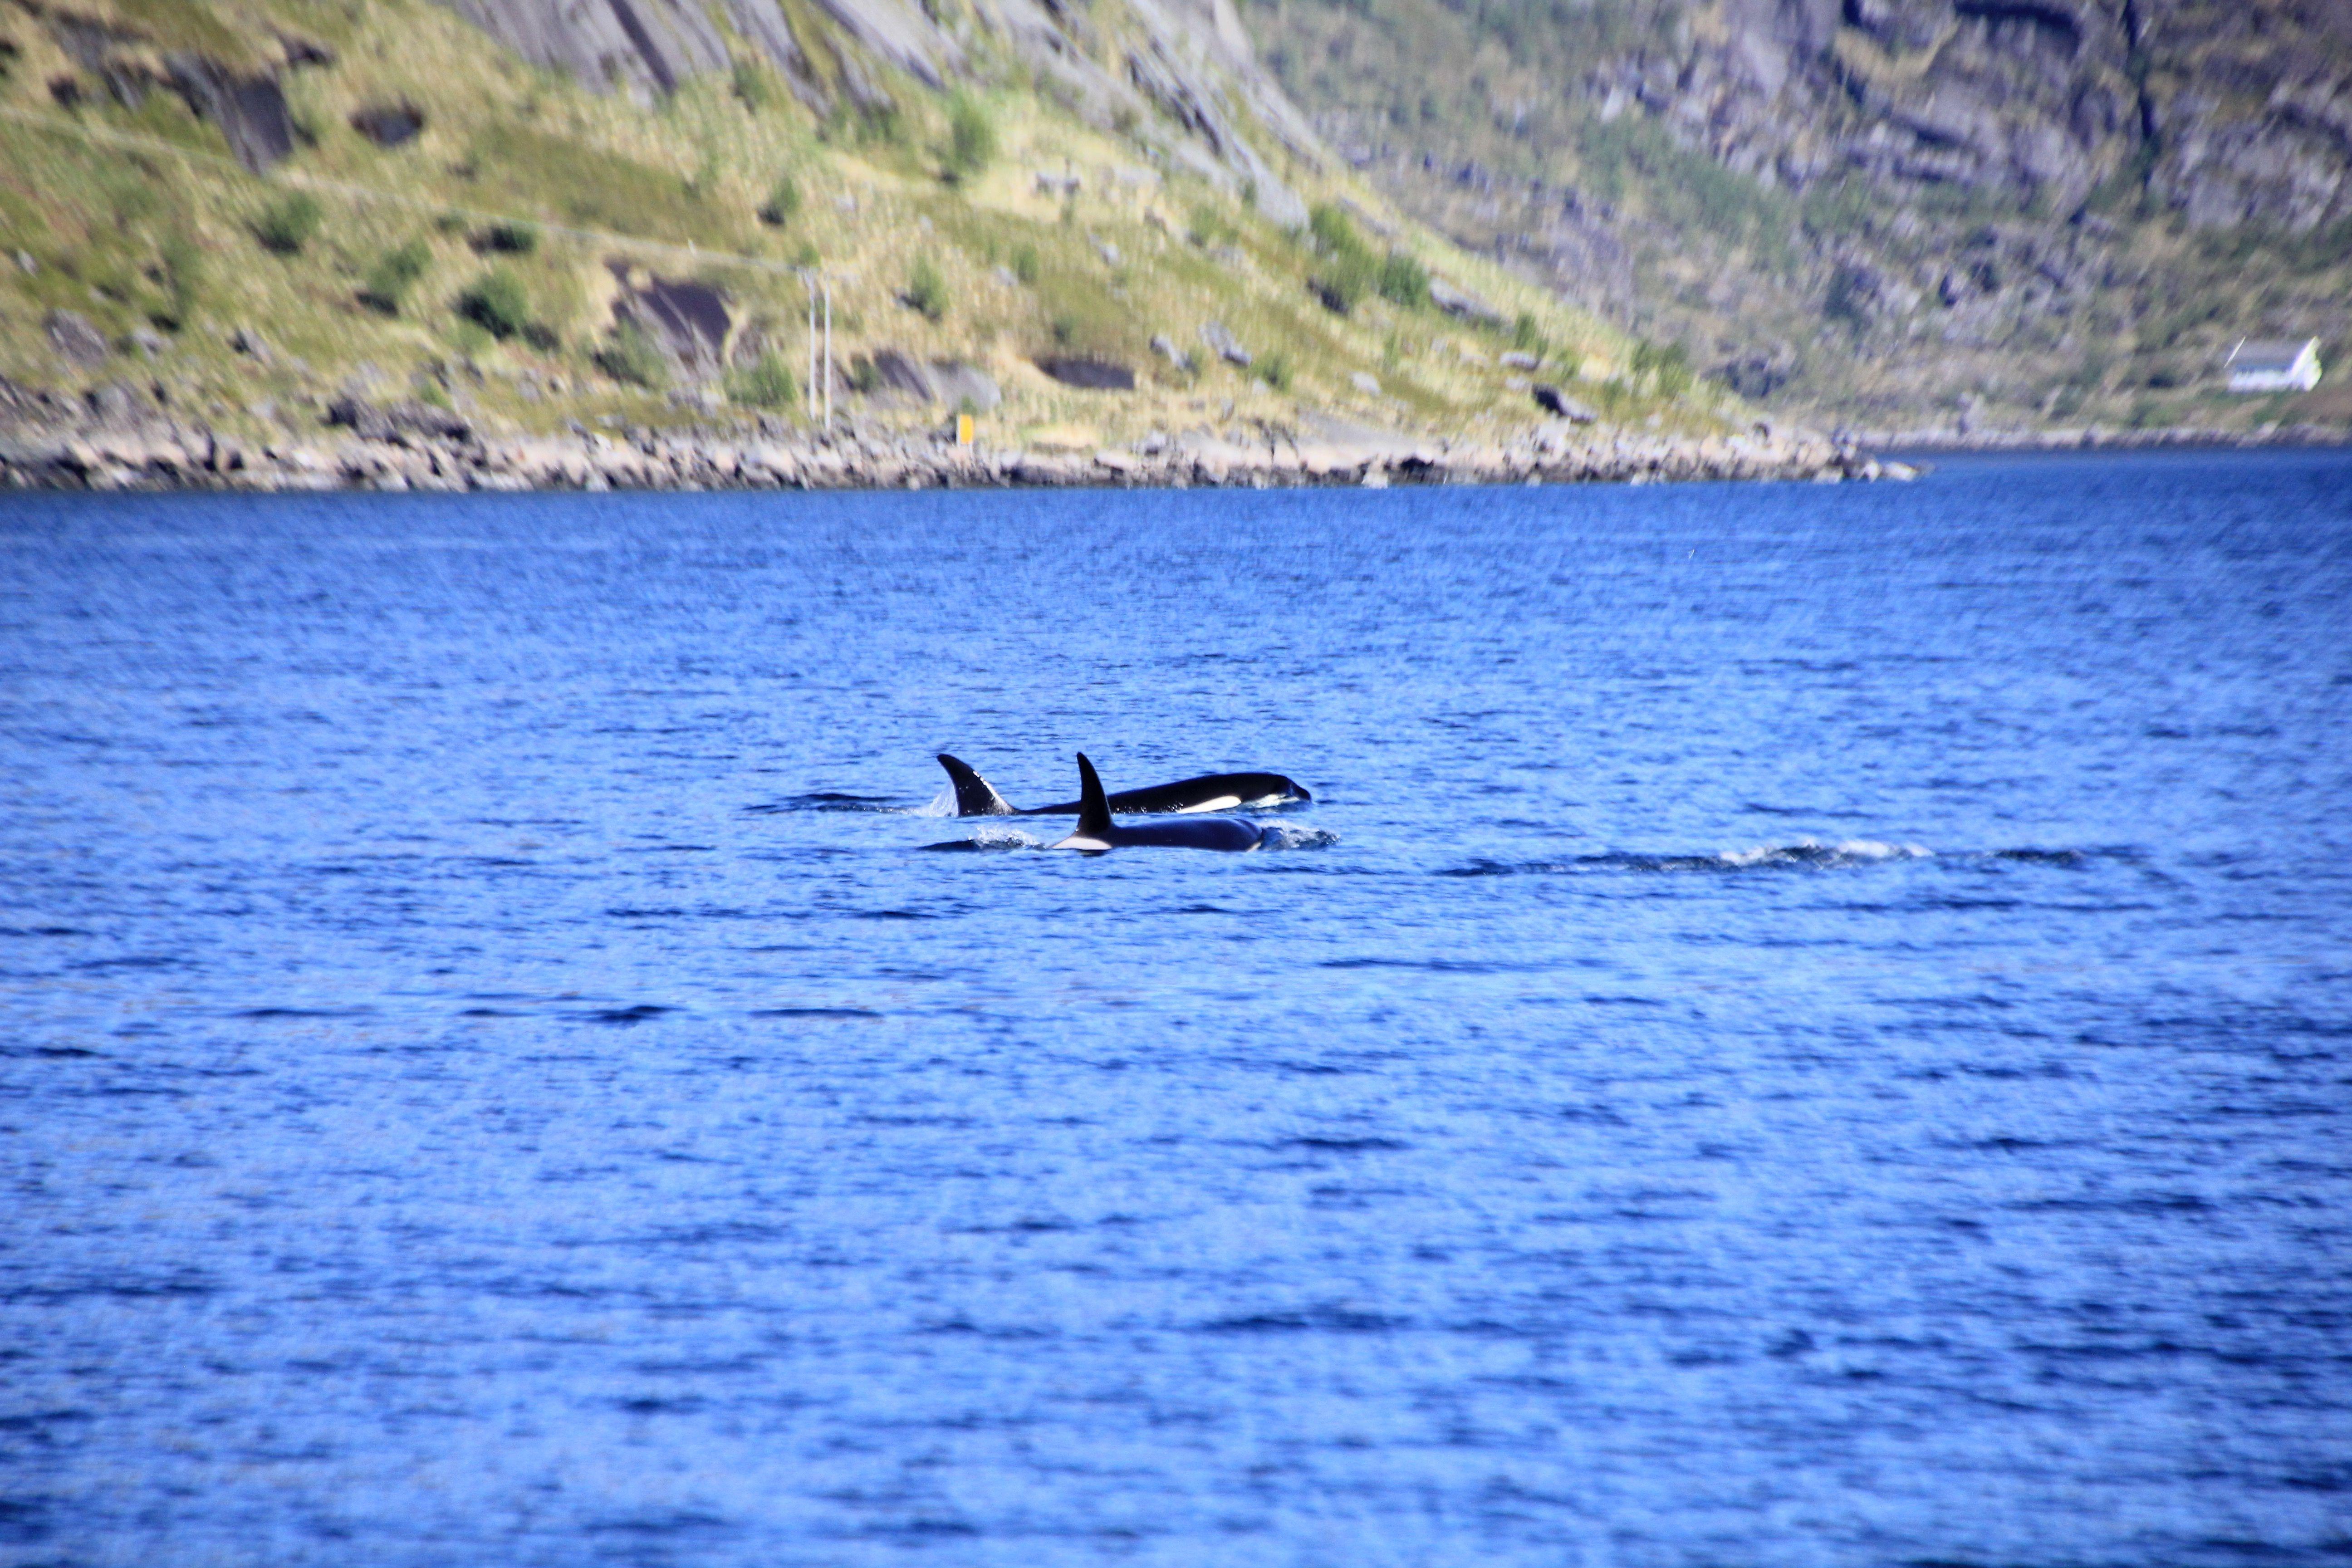 Da vi ankret opp første natten i fjorden, kom gamle venner på besøk og hilste god morgen.